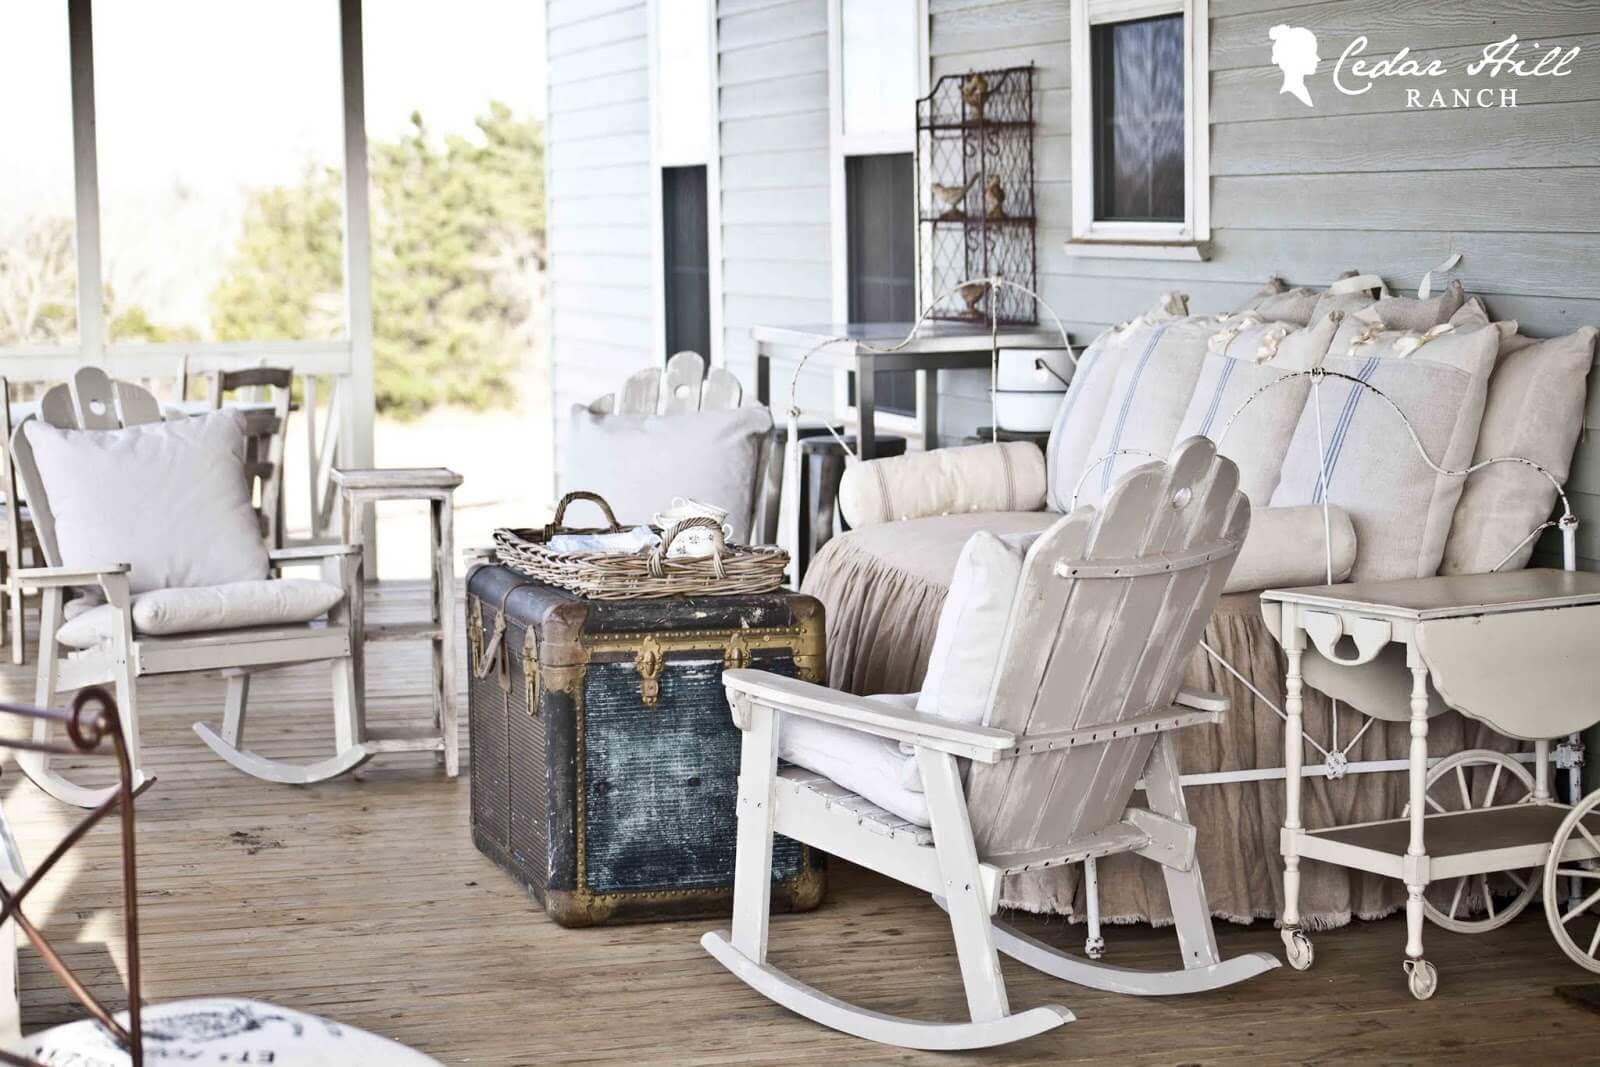 Vécu et vécu sur des meubles d'extérieur